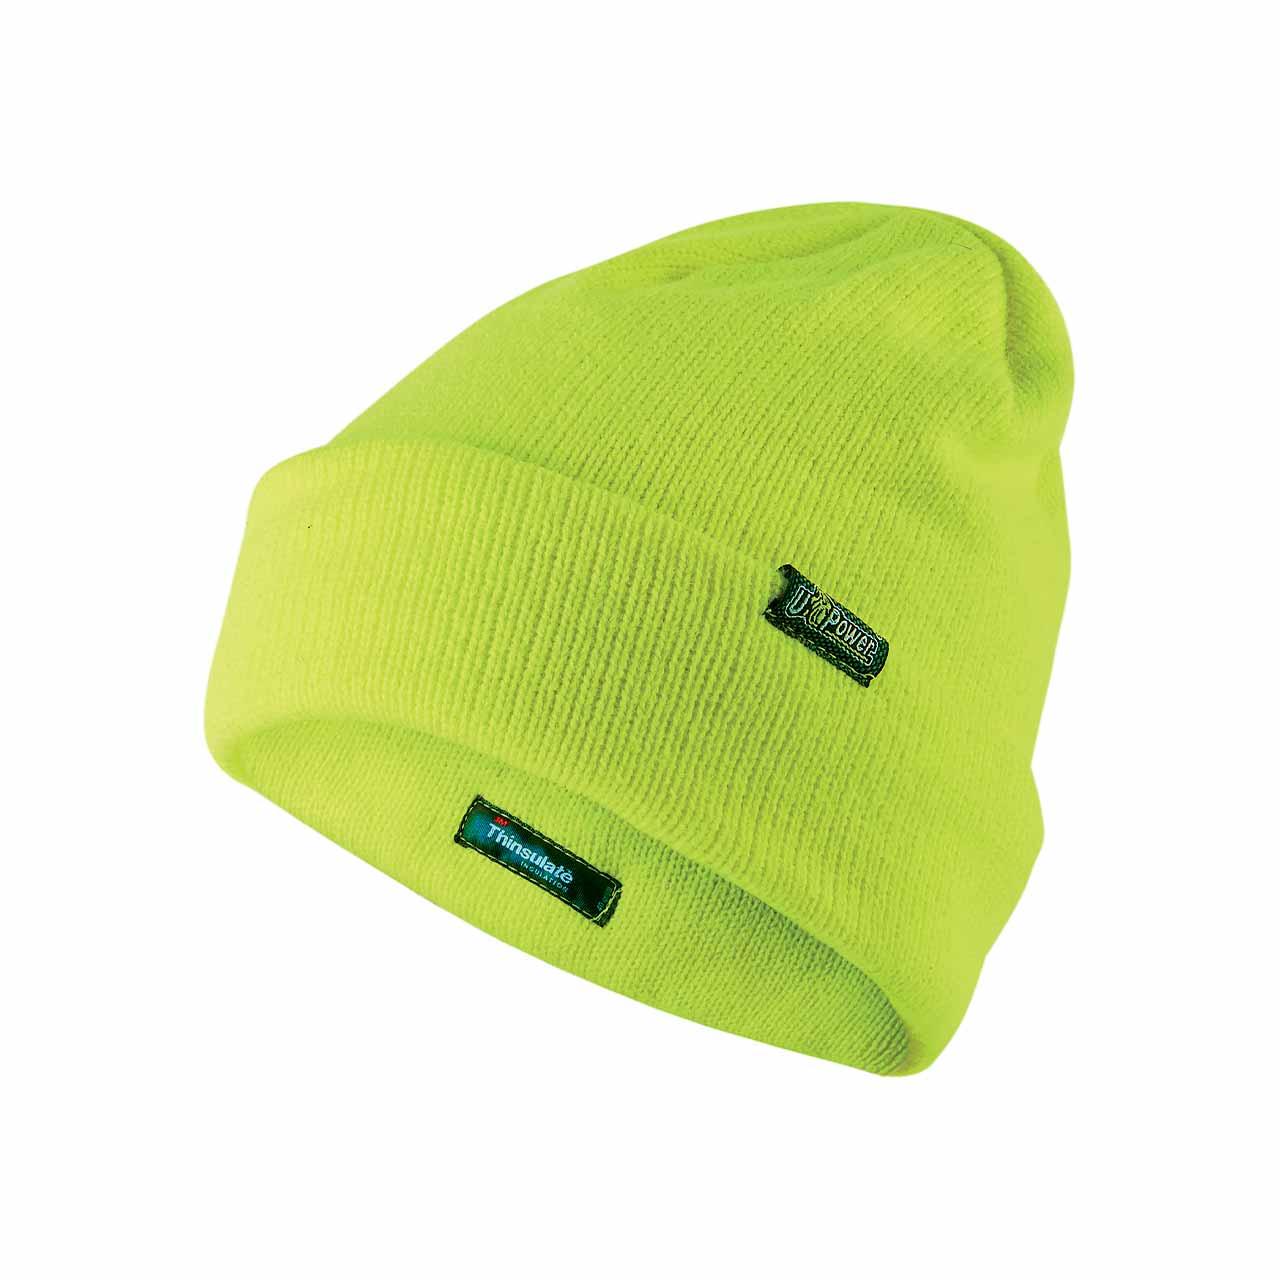 berretto invernale da lavoro upower colore yellow fluo